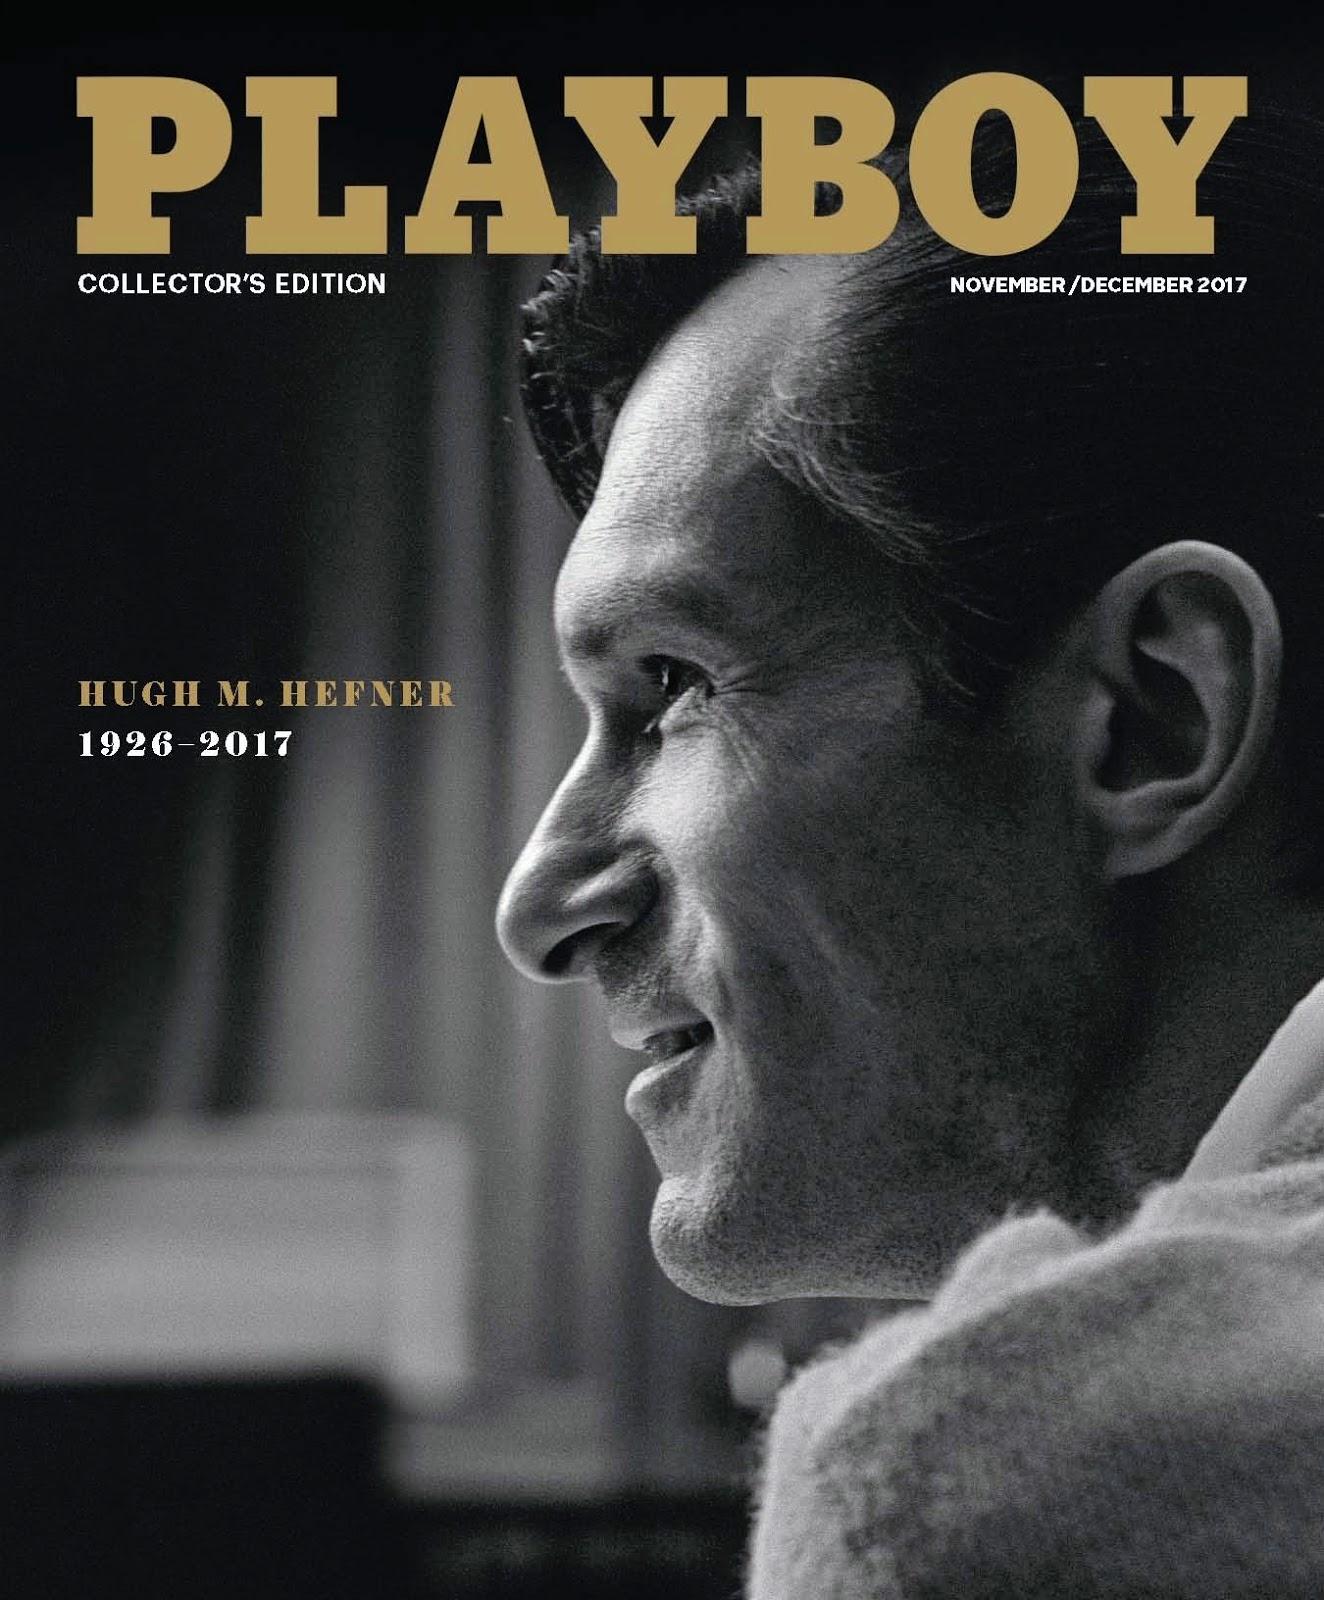 В образах зайчиков: в новой фотосессии Playboy снялись два парня (ФОТО) - фото №4